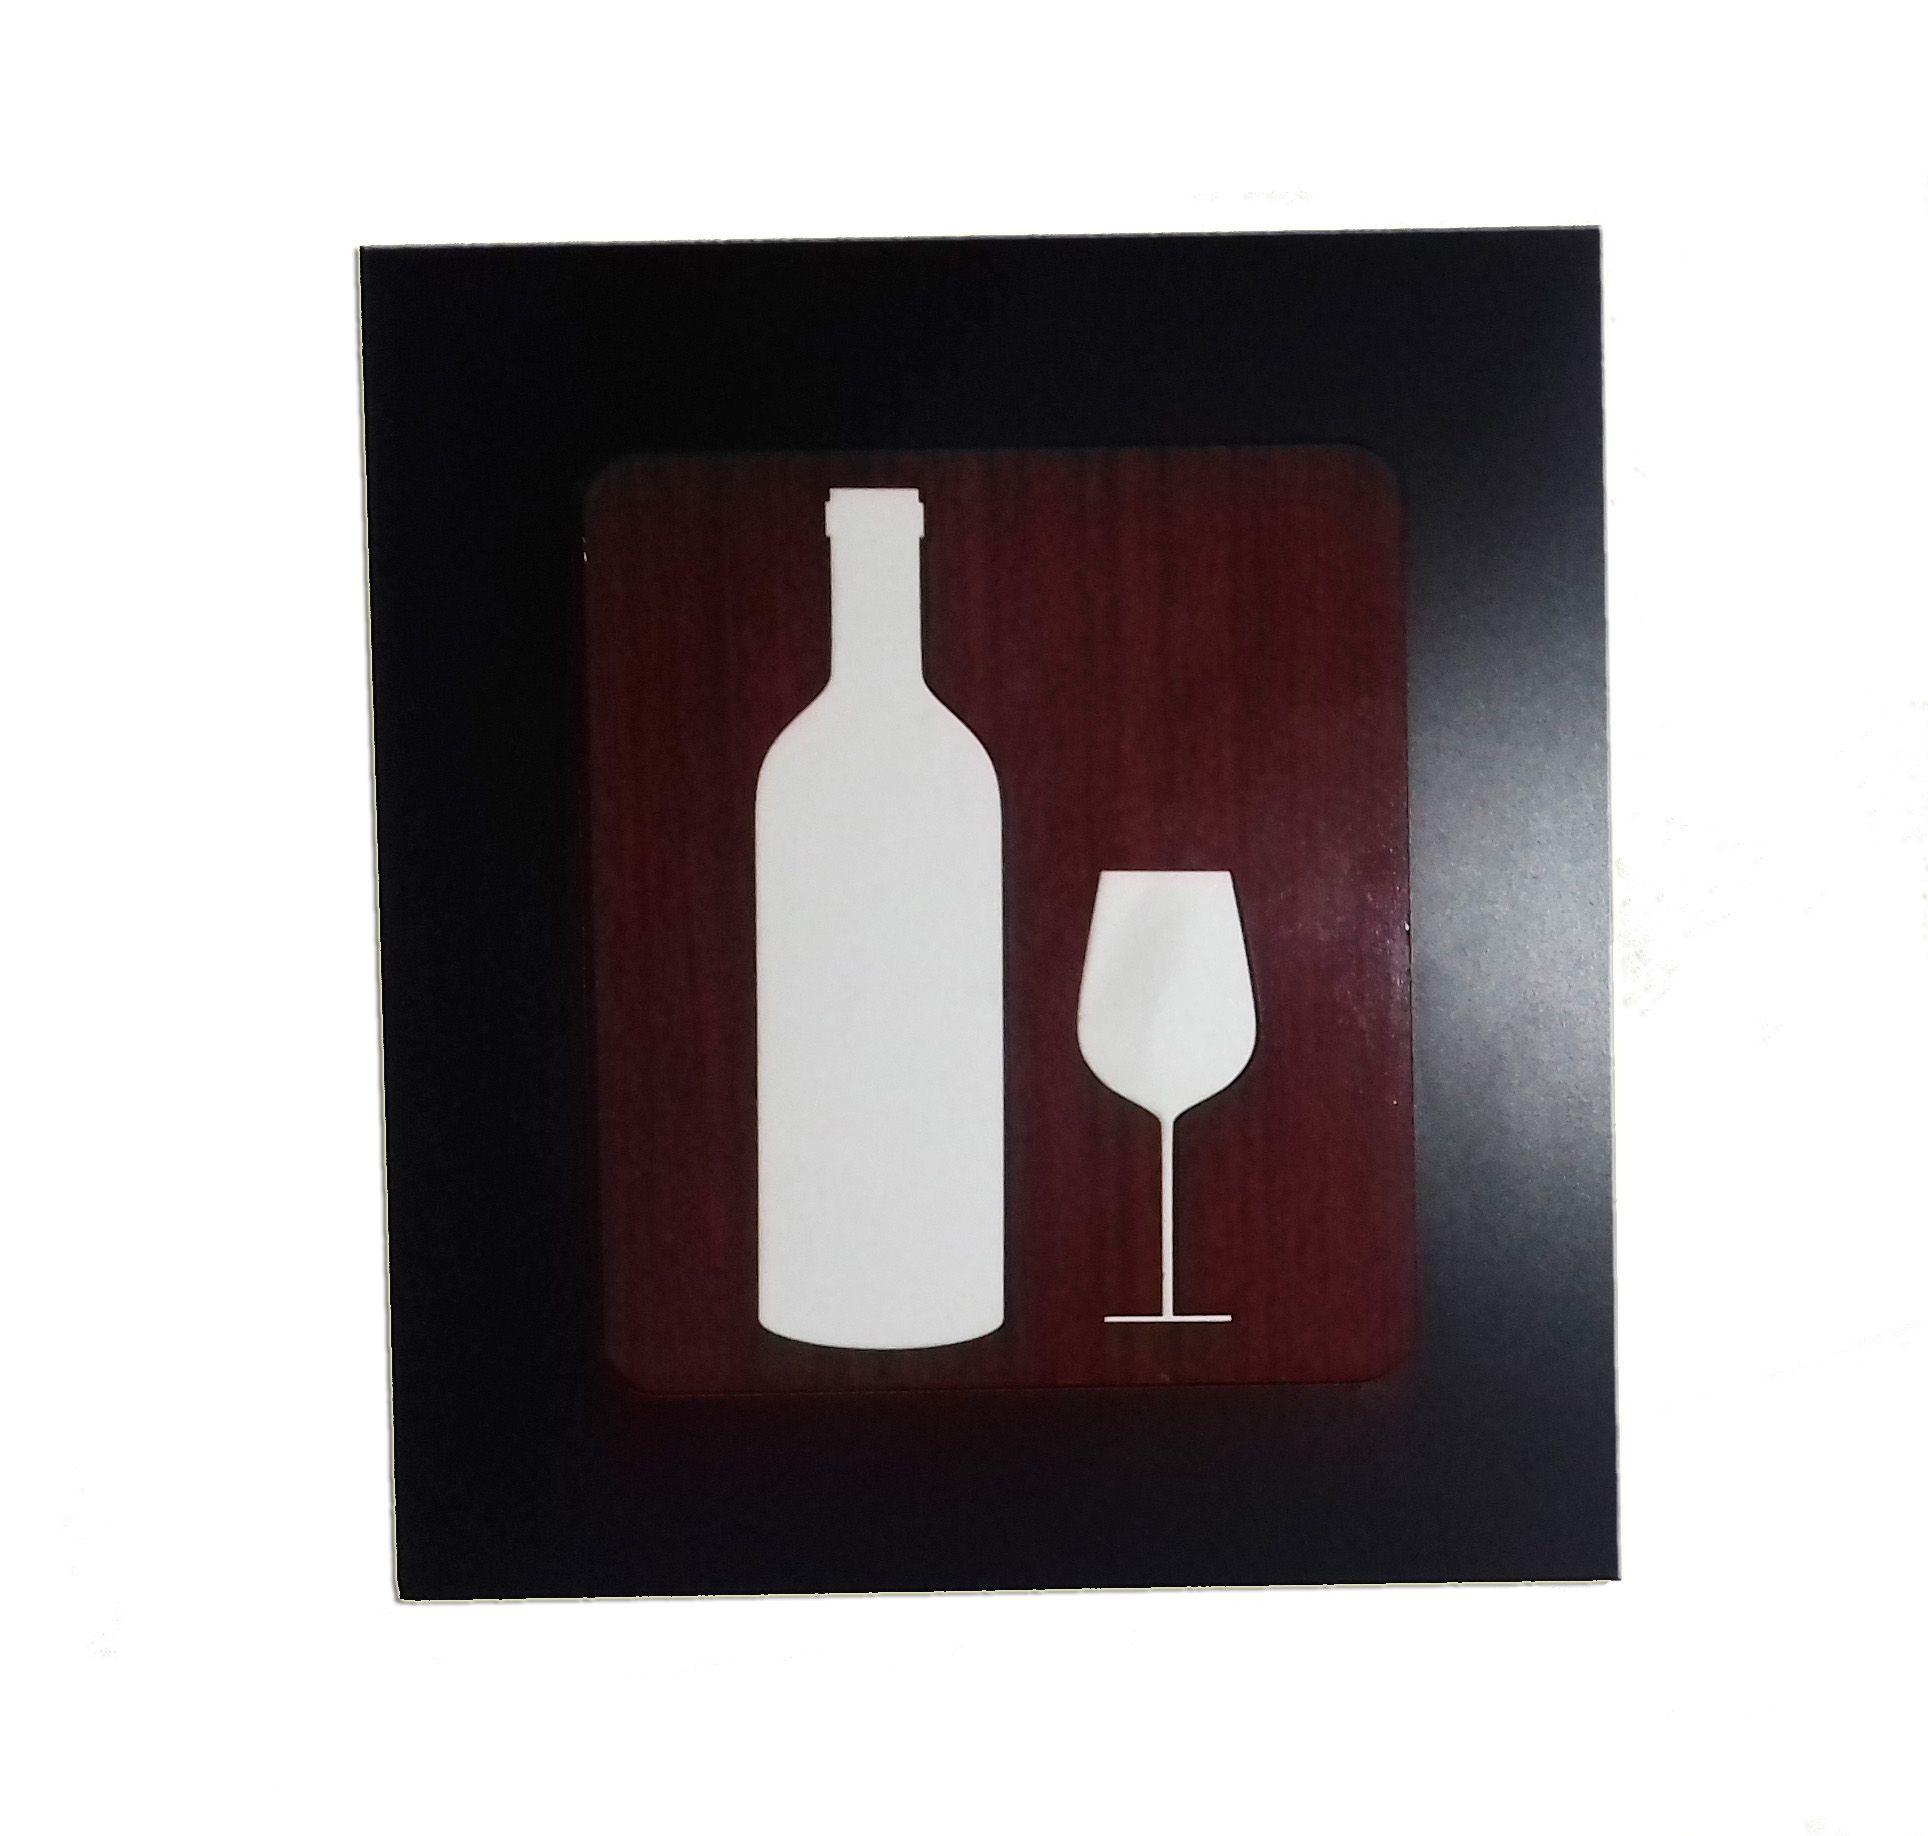 Kit 4 Quadros Decorativos para restaurante e cozinha fabricado em MDF com relevo 33 x 30 cm